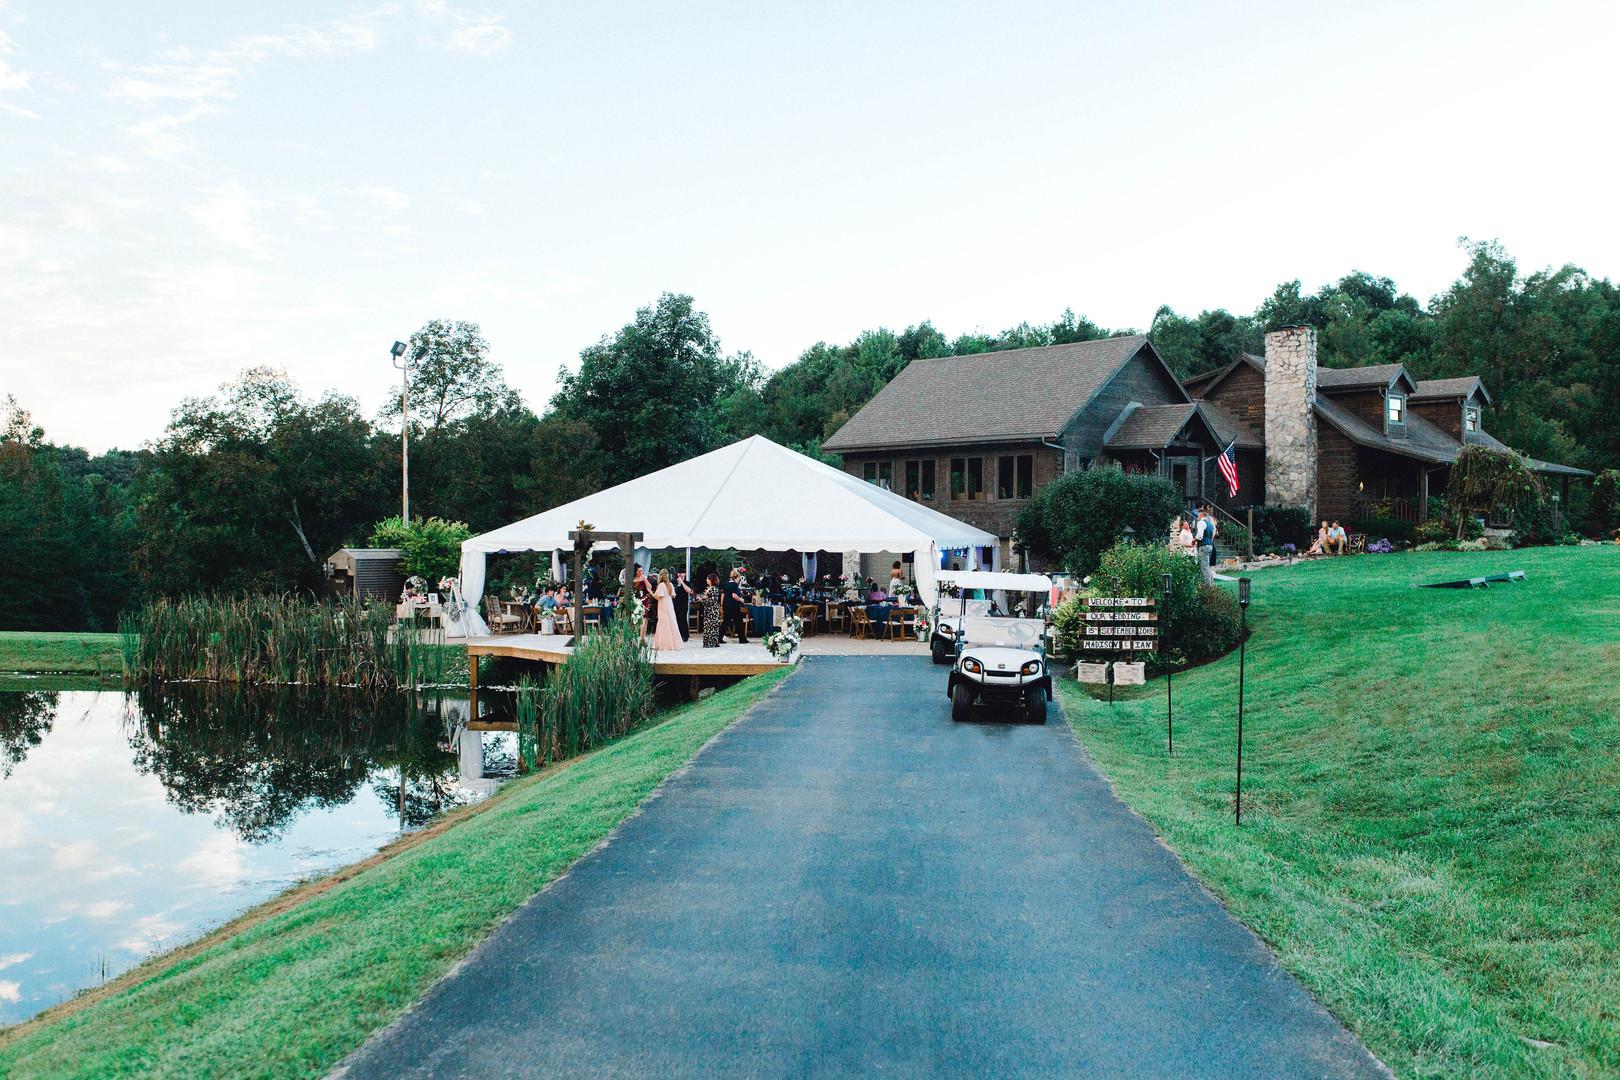 Lane to Wedding